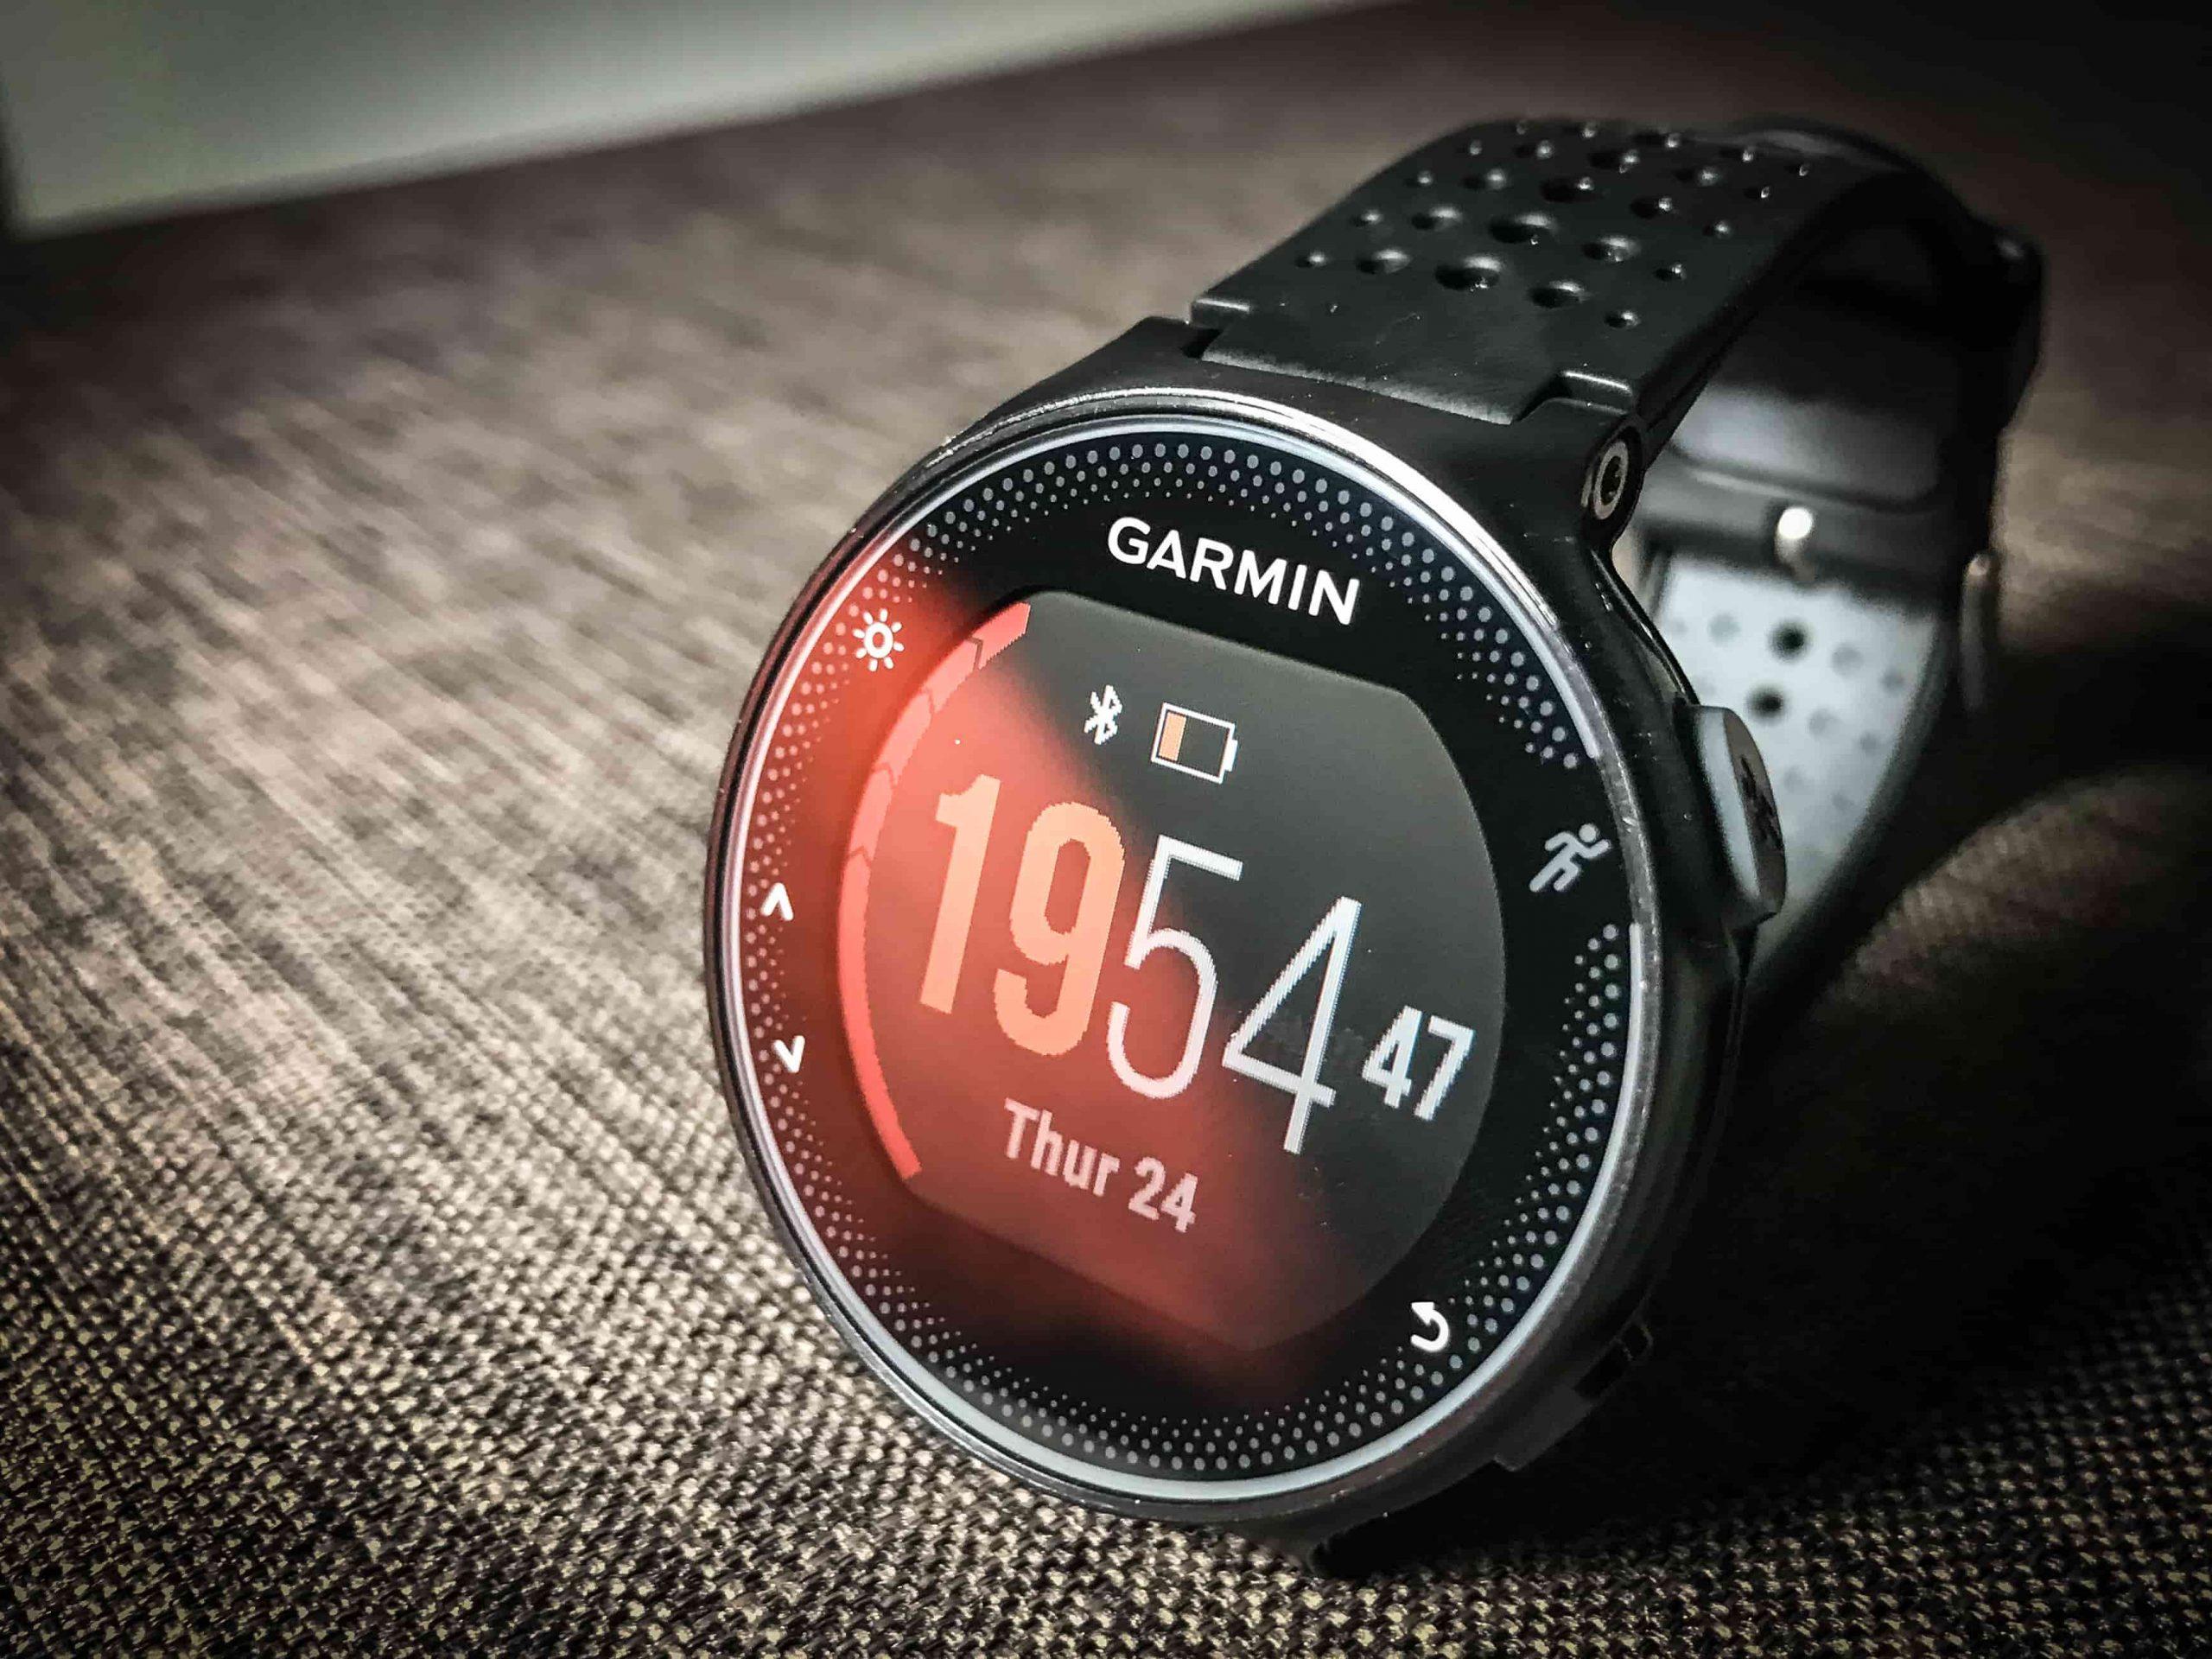 Garmin per correre: i 5 modelli migliori